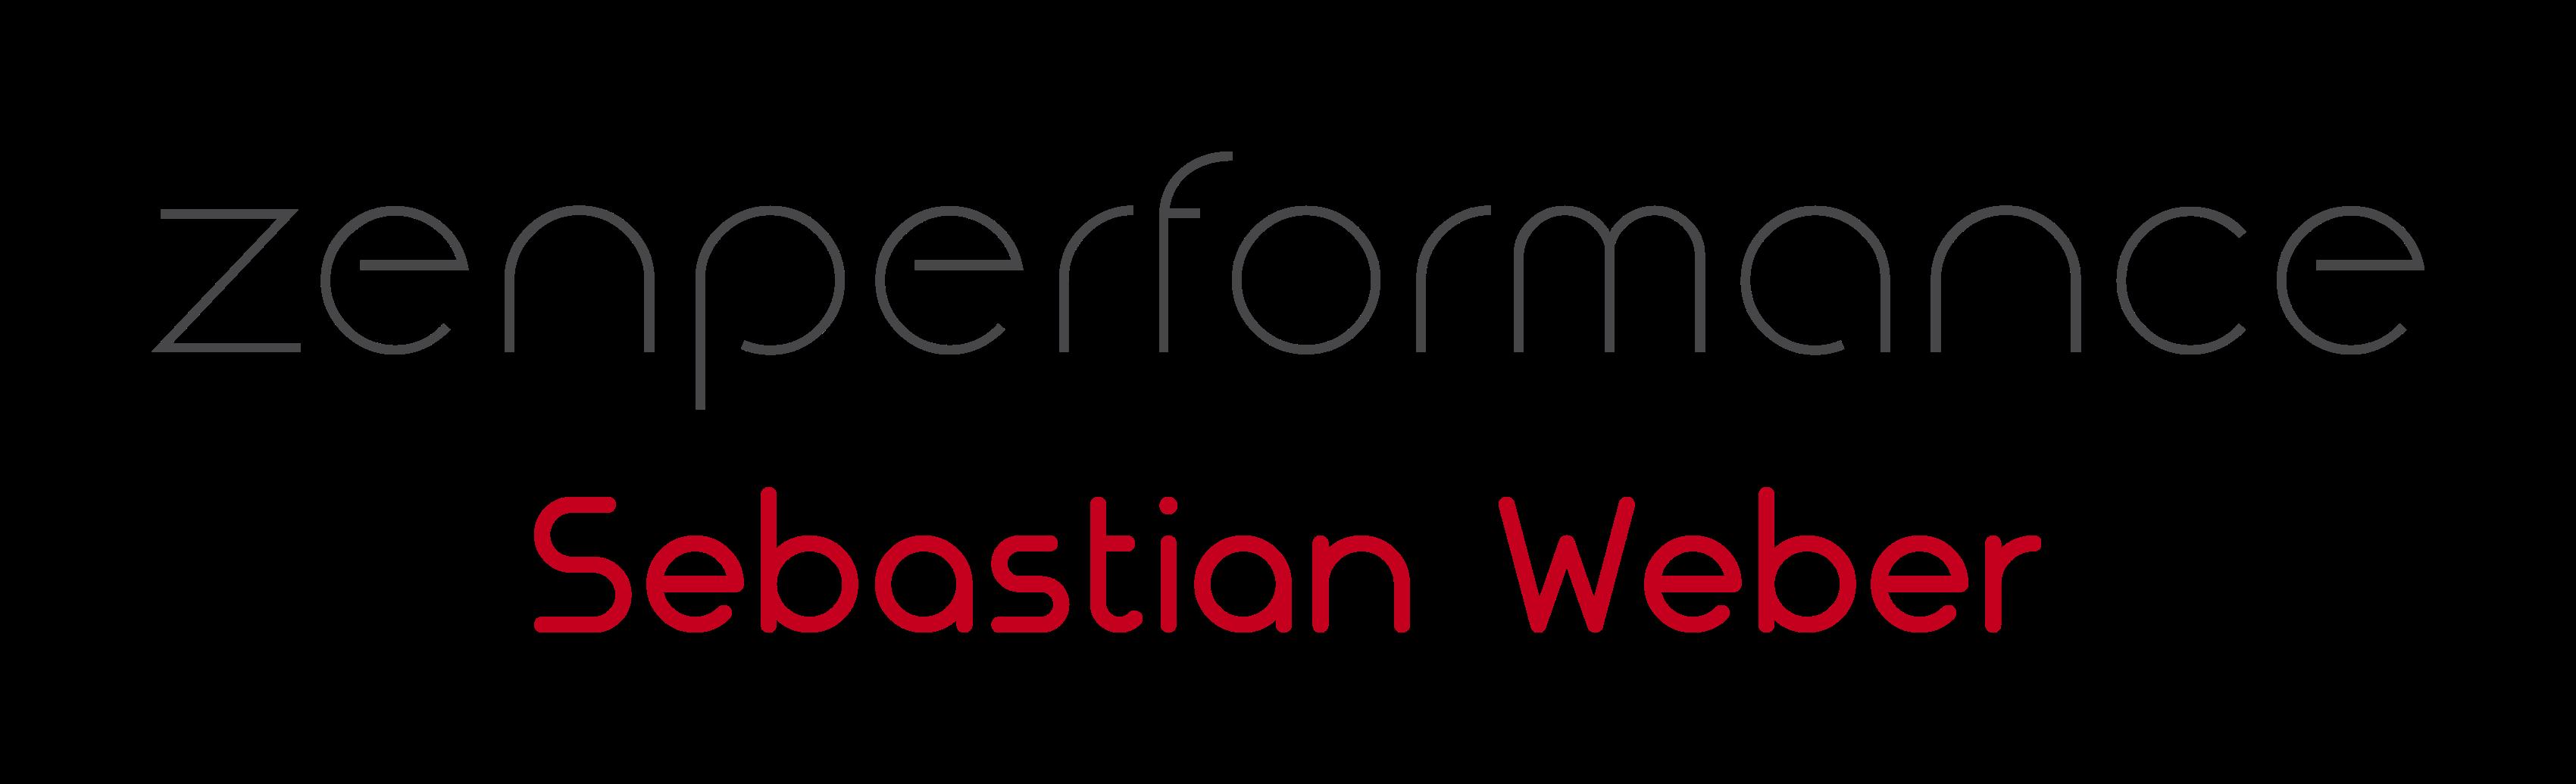 zenperformance - Sebastian Weber